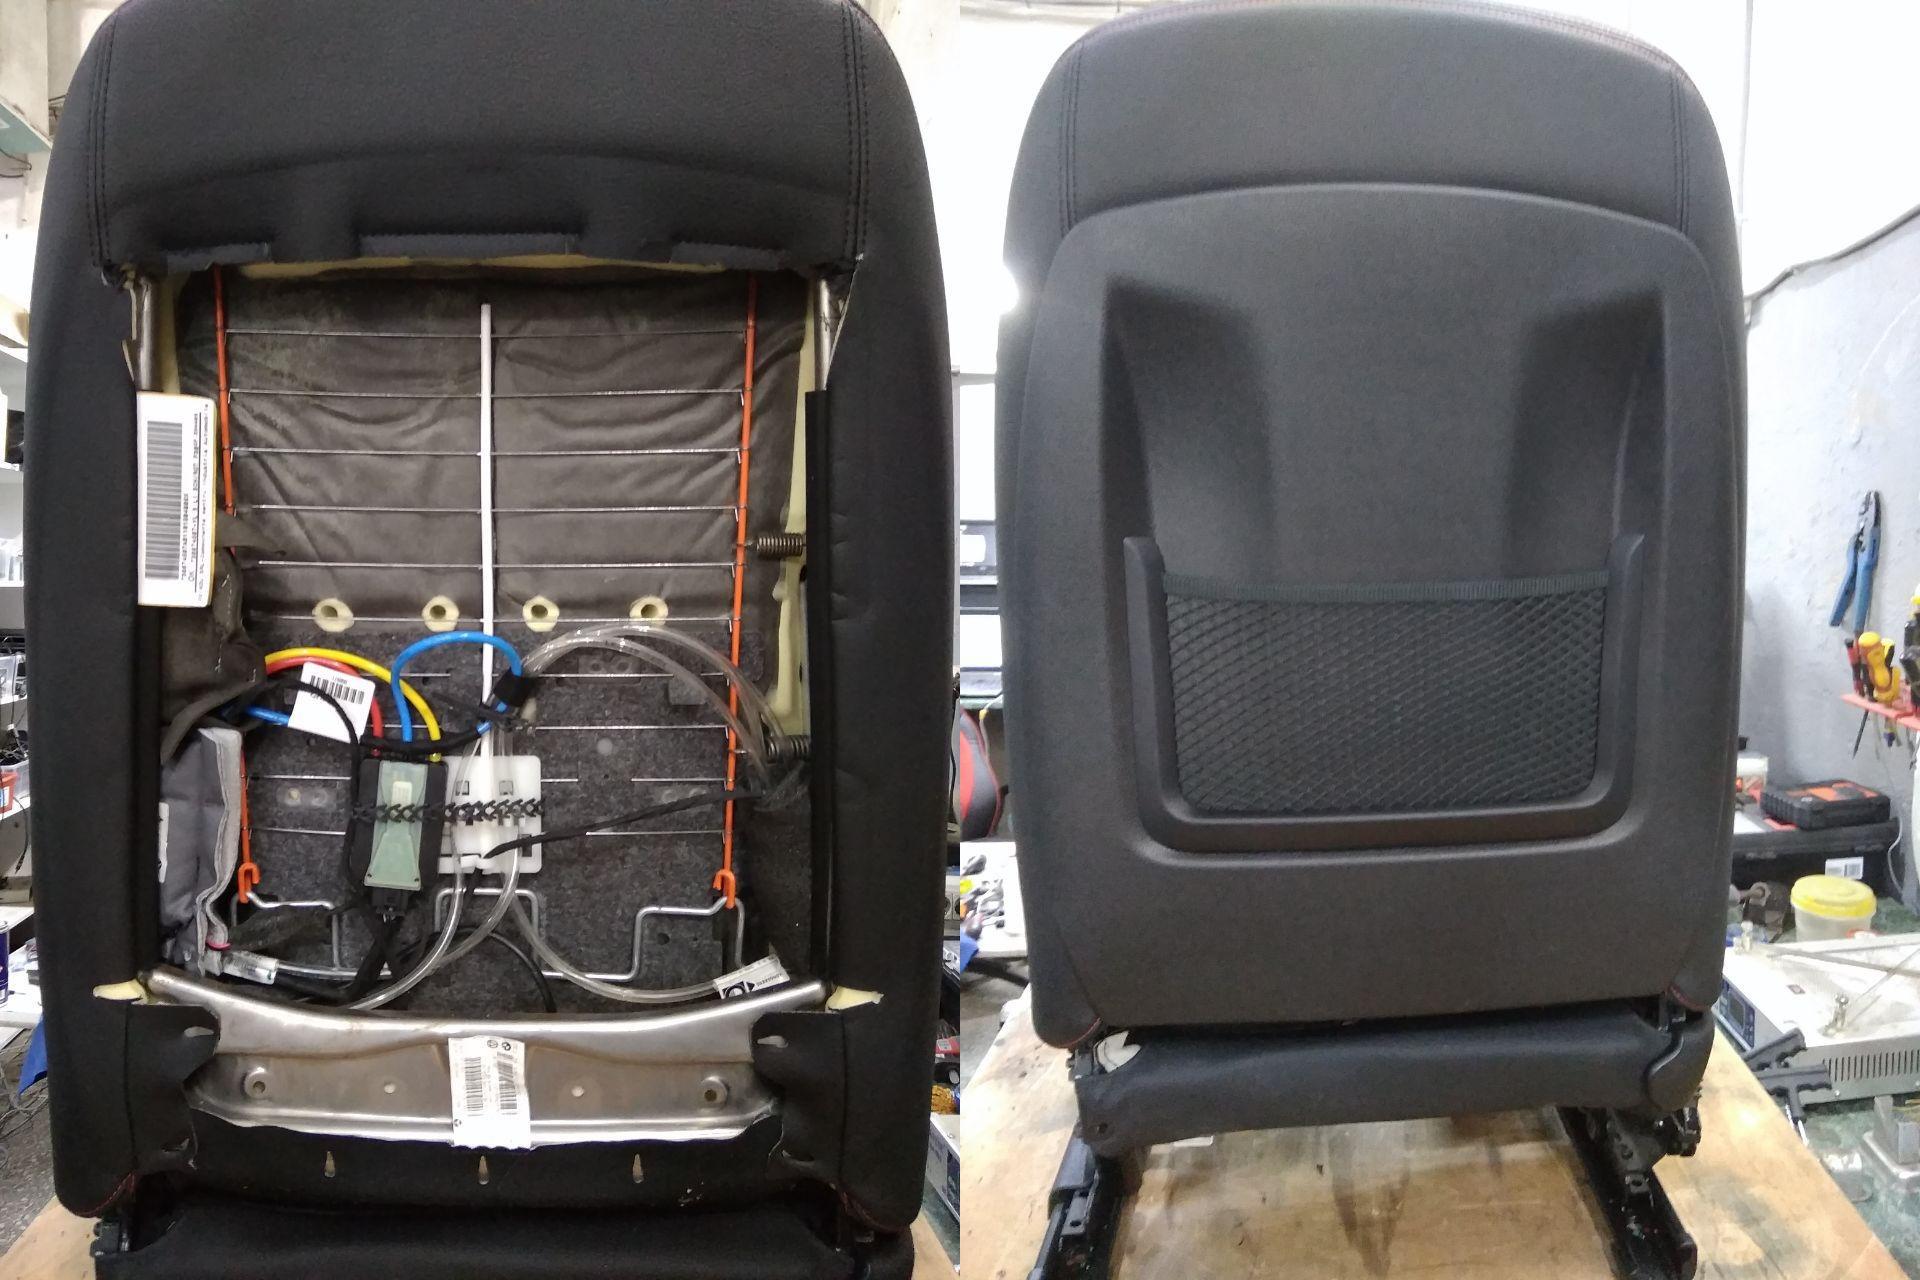 компрессор, трубки поясничной опоры, сиденье в сборе